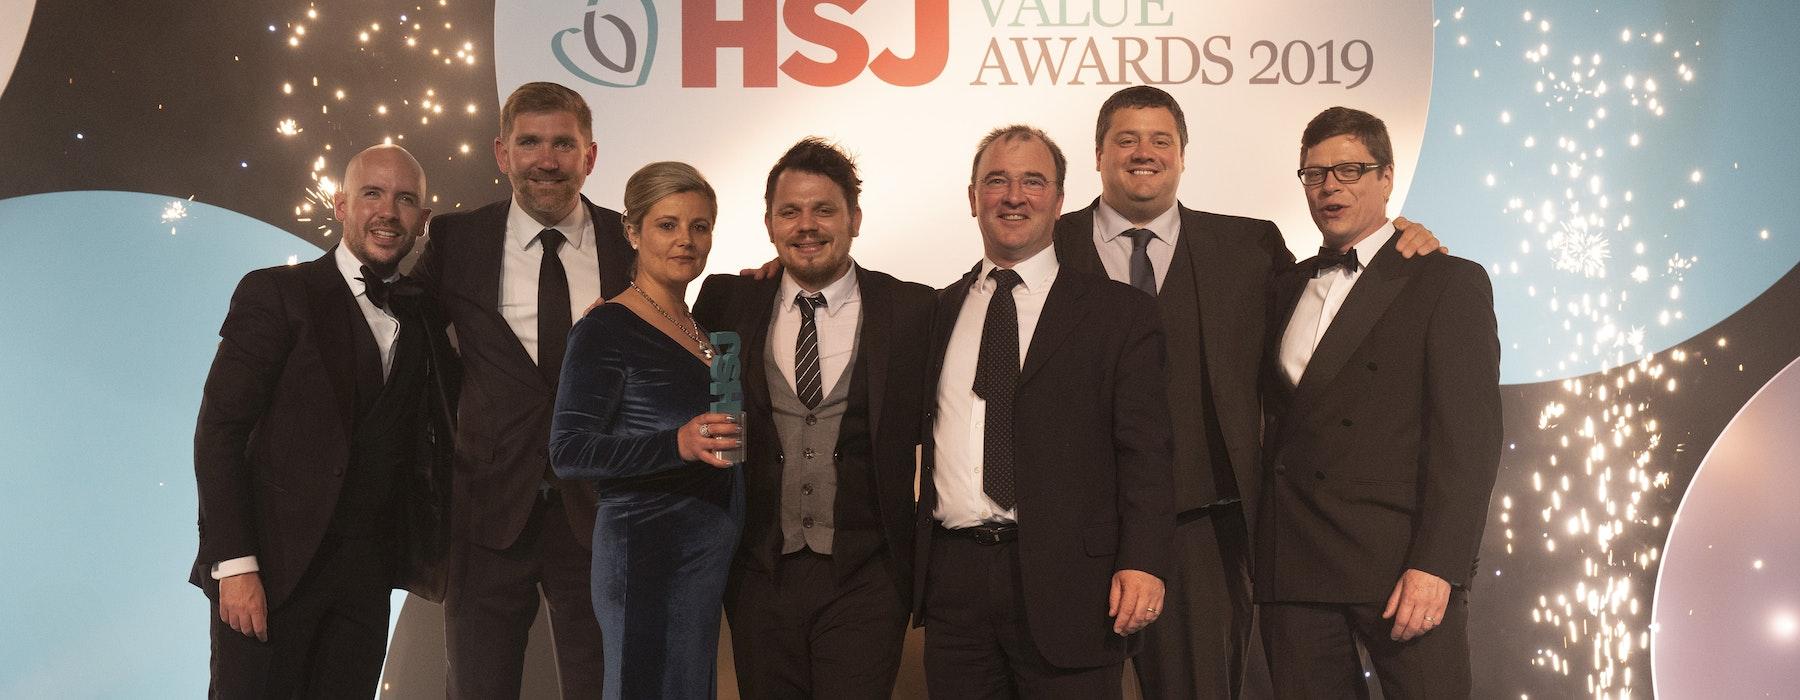 Devon Doctors celebrates bagging coveted national award